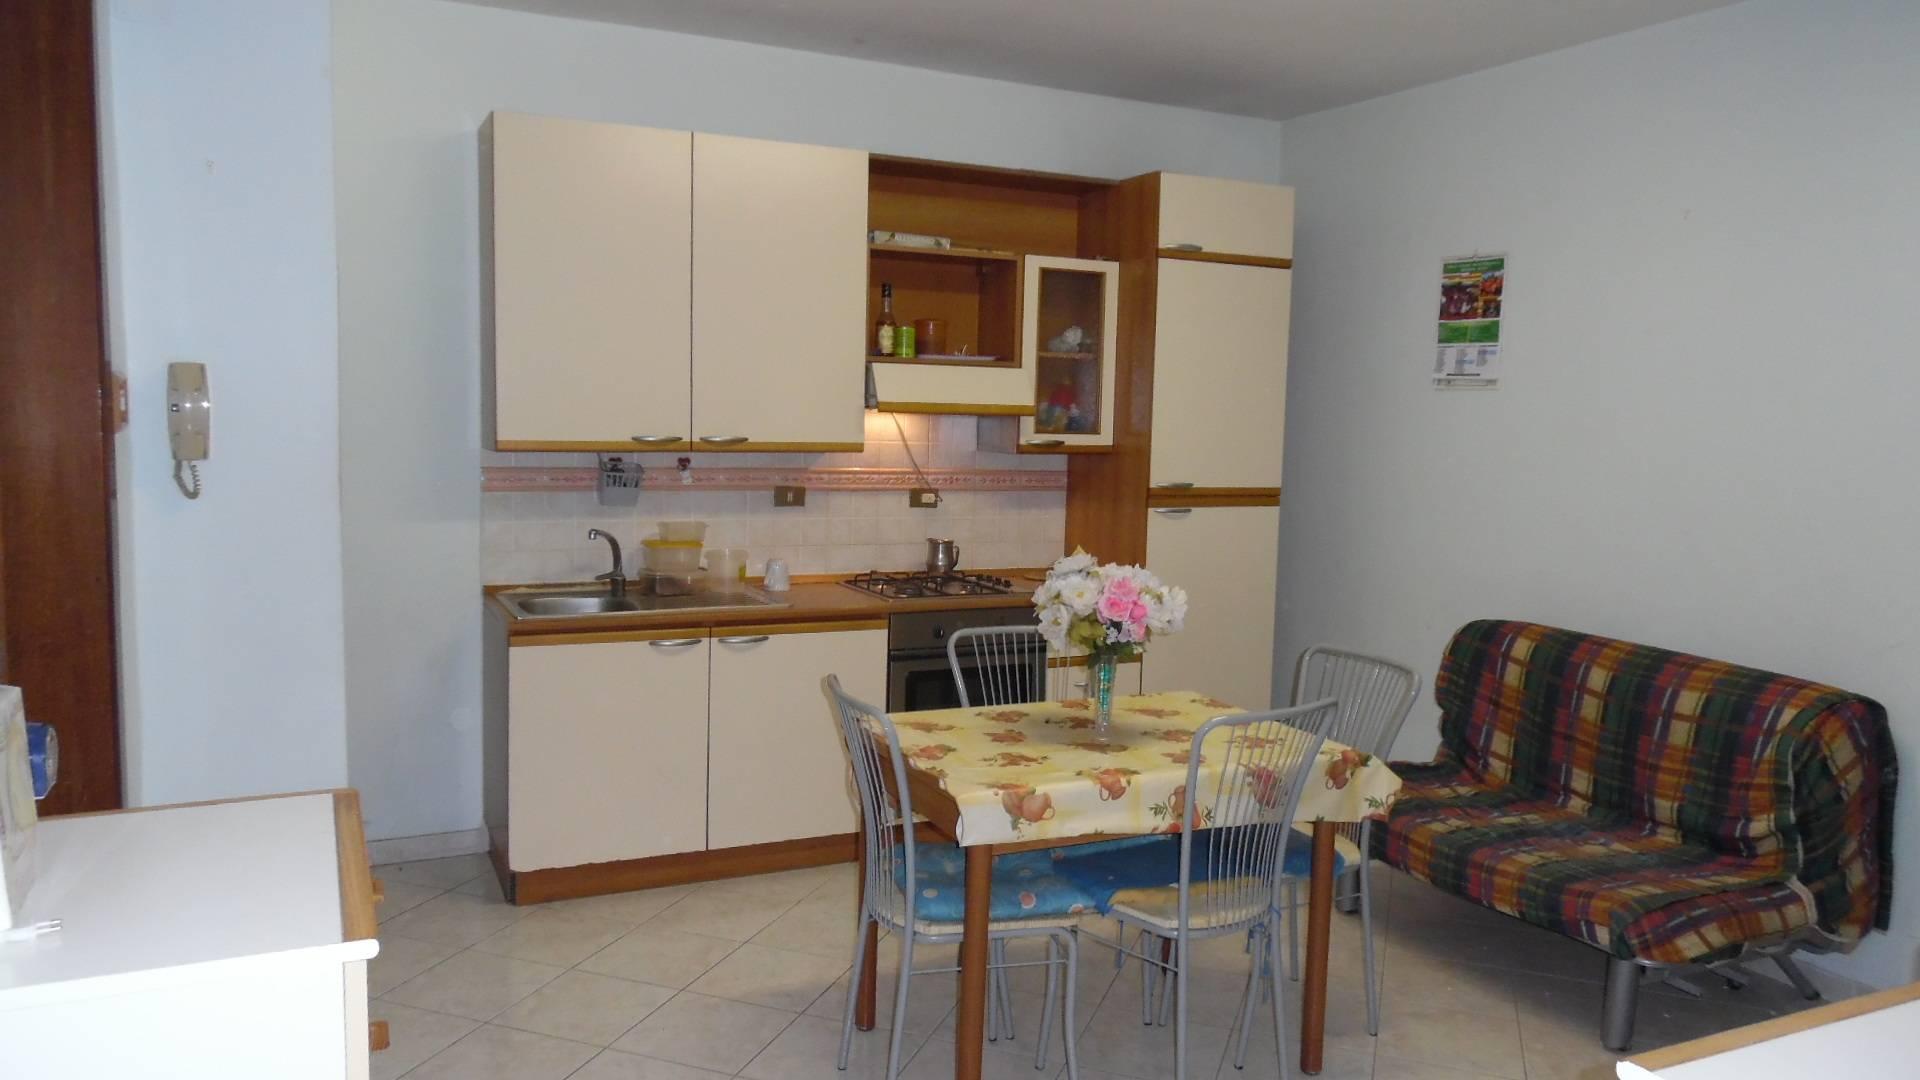 Appartamento in affitto a Grottammare, 3 locali, zona Località: mare, Trattative riservate | CambioCasa.it